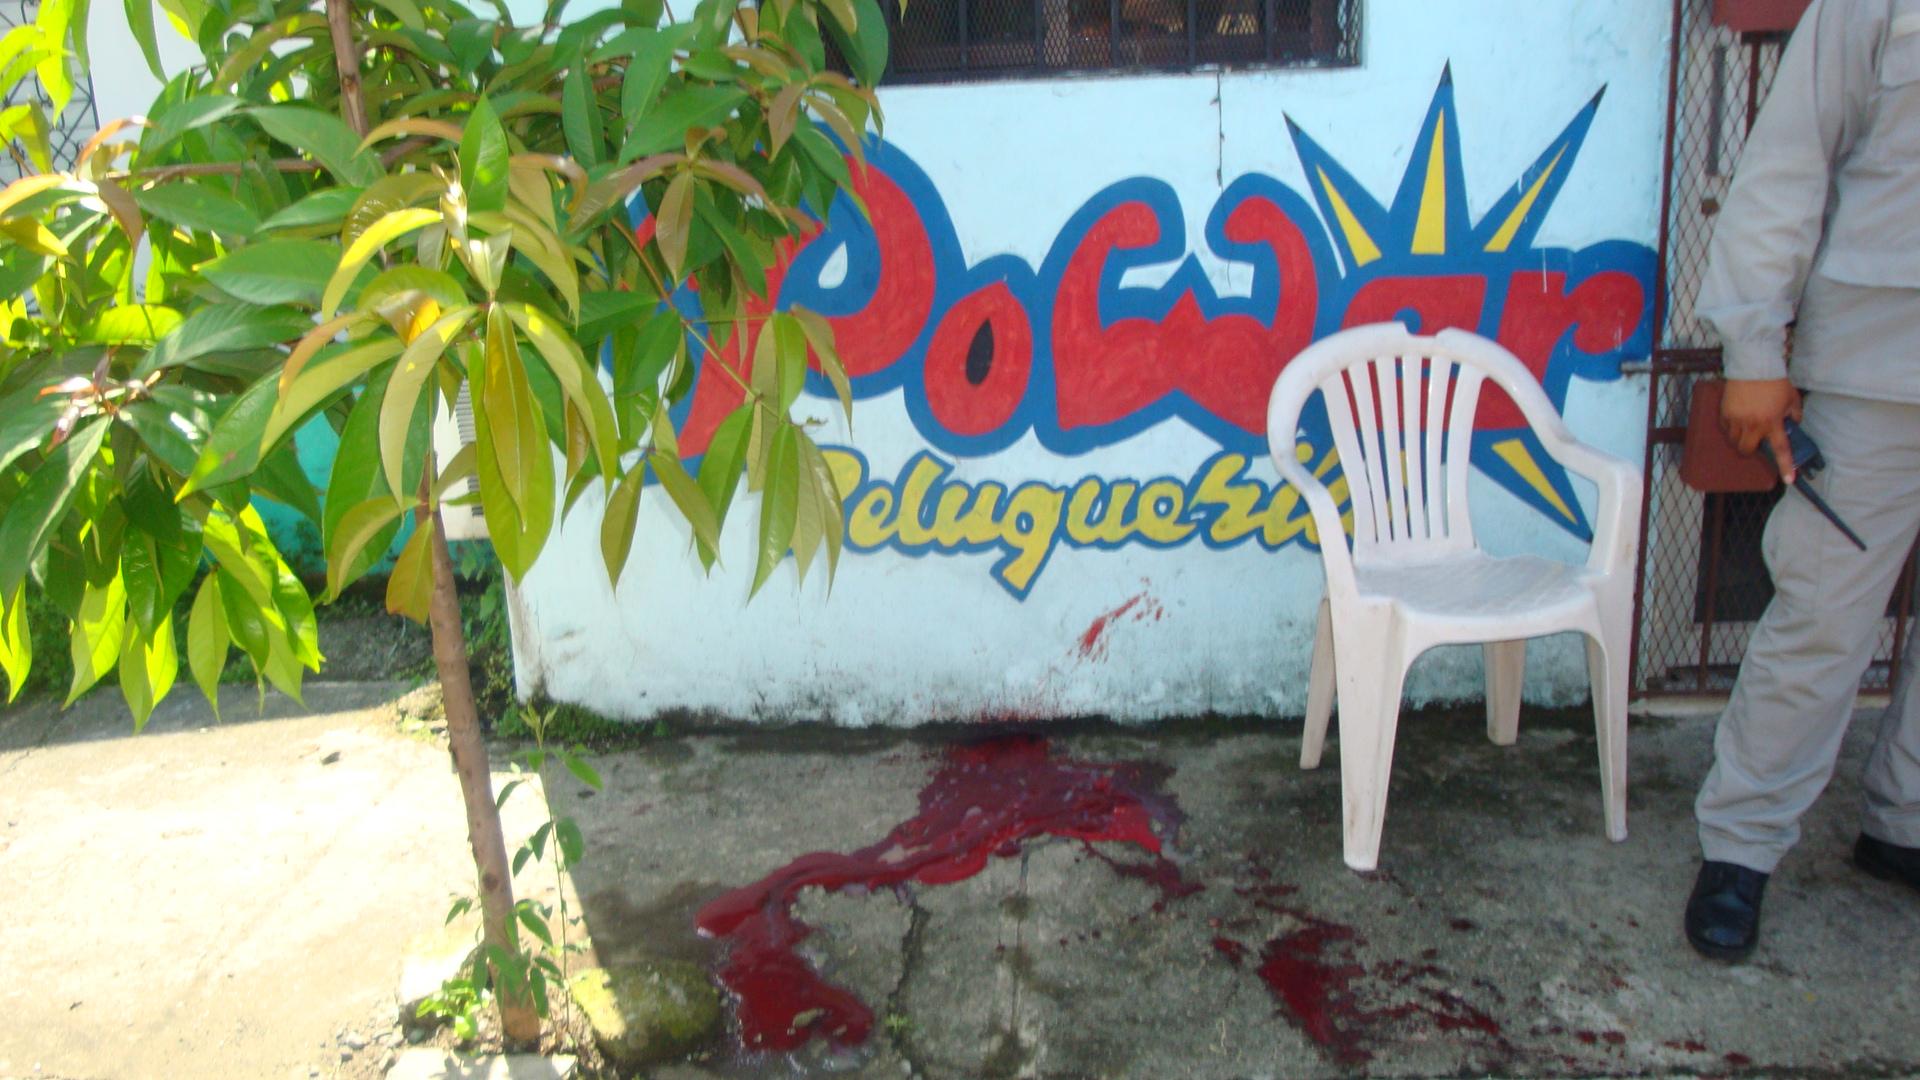 Asesinan peluquero de varios disparos en Bonao